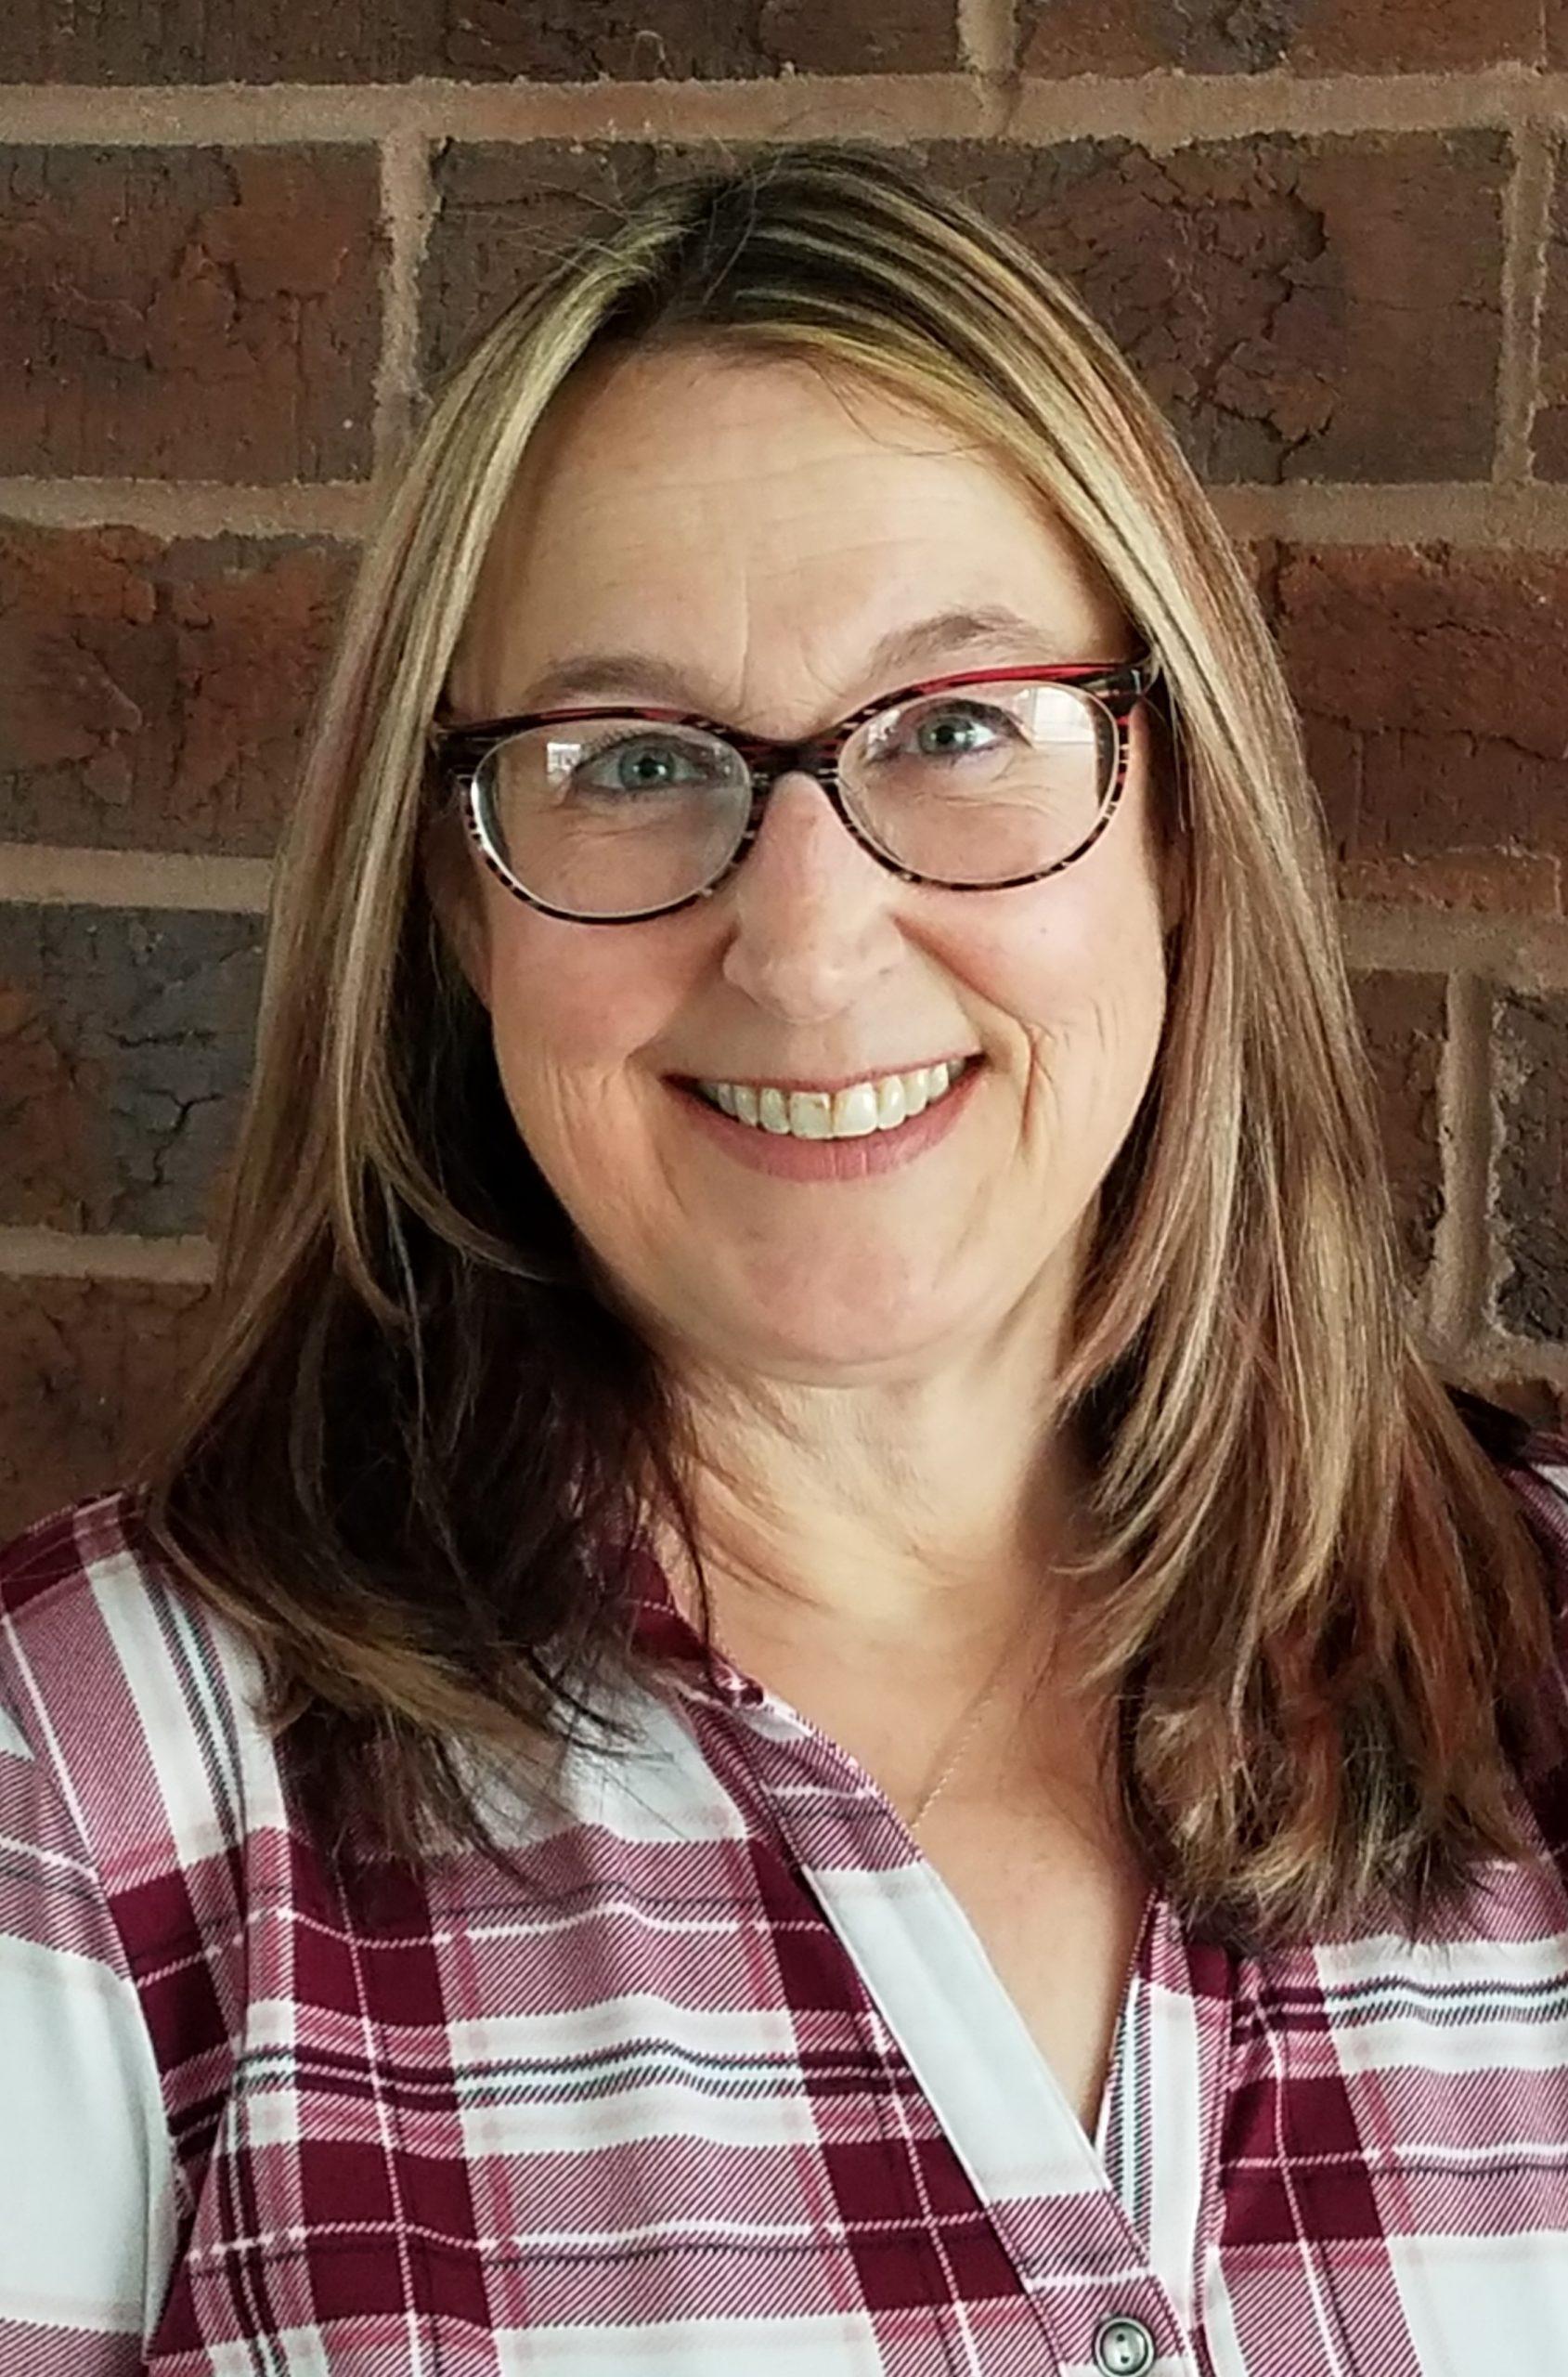 Julie Metakes